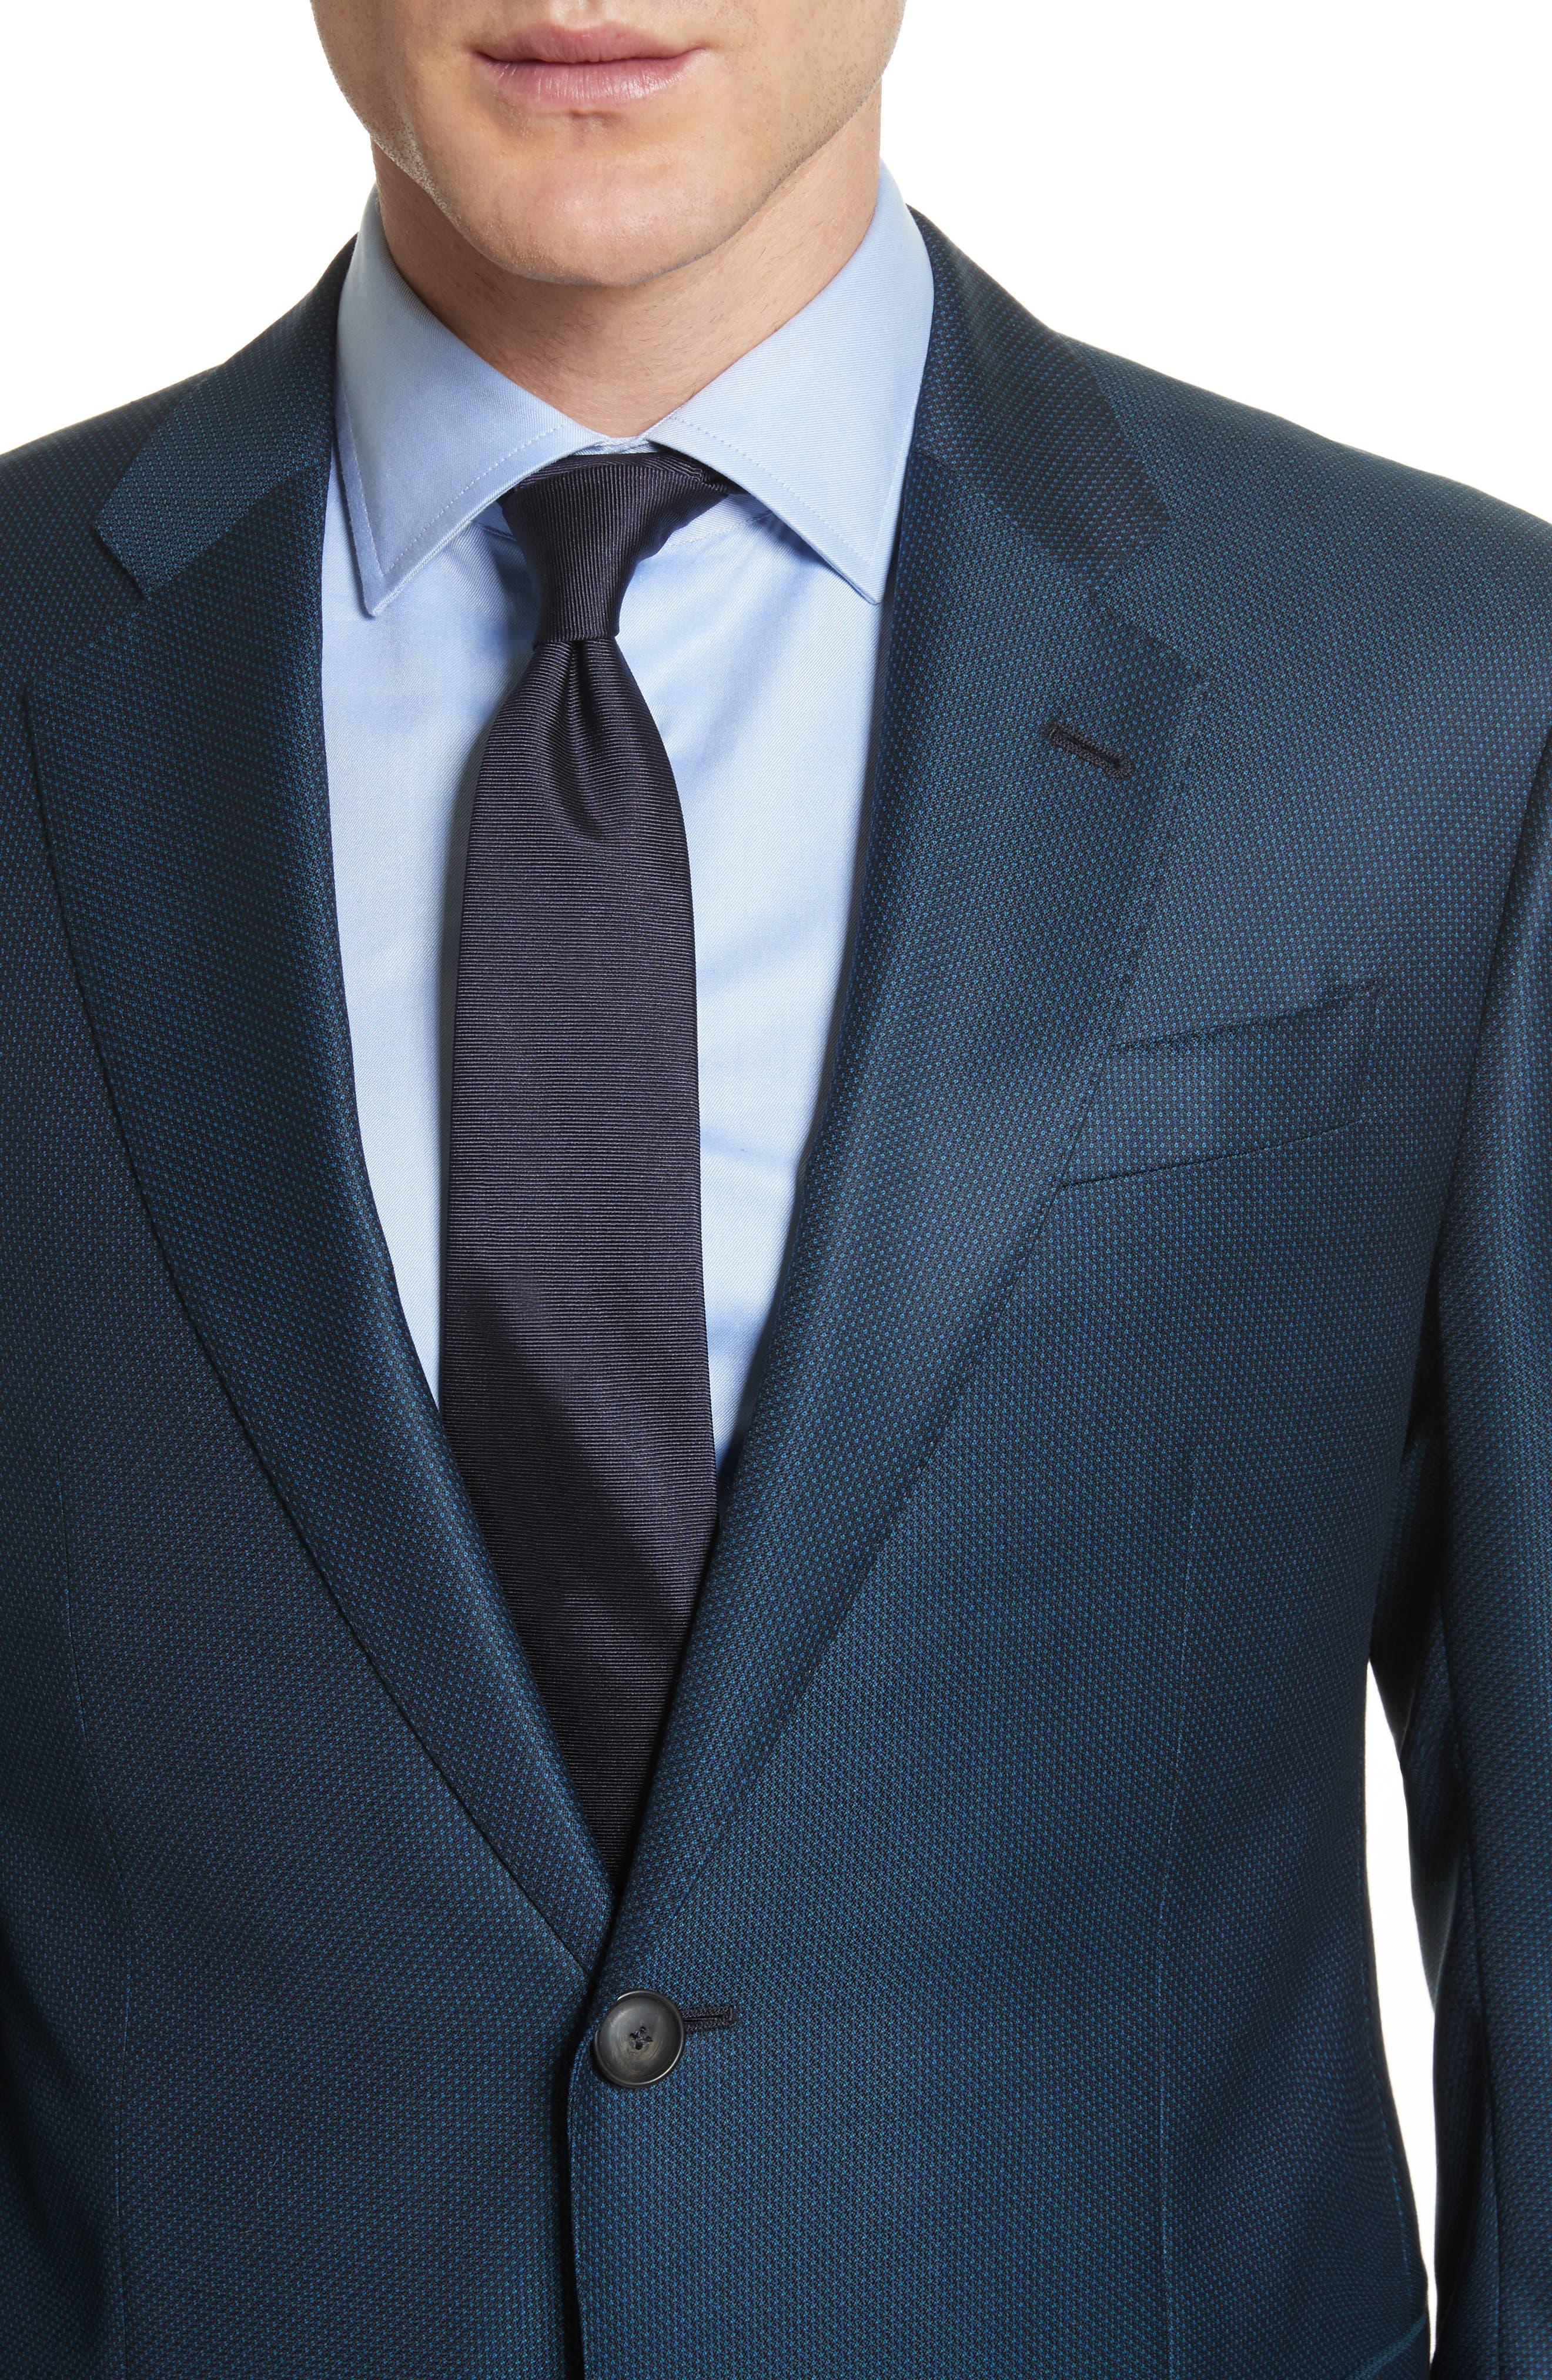 G-Line Trim Fit Solid Wool Suit,                             Alternate thumbnail 4, color,                             Blue